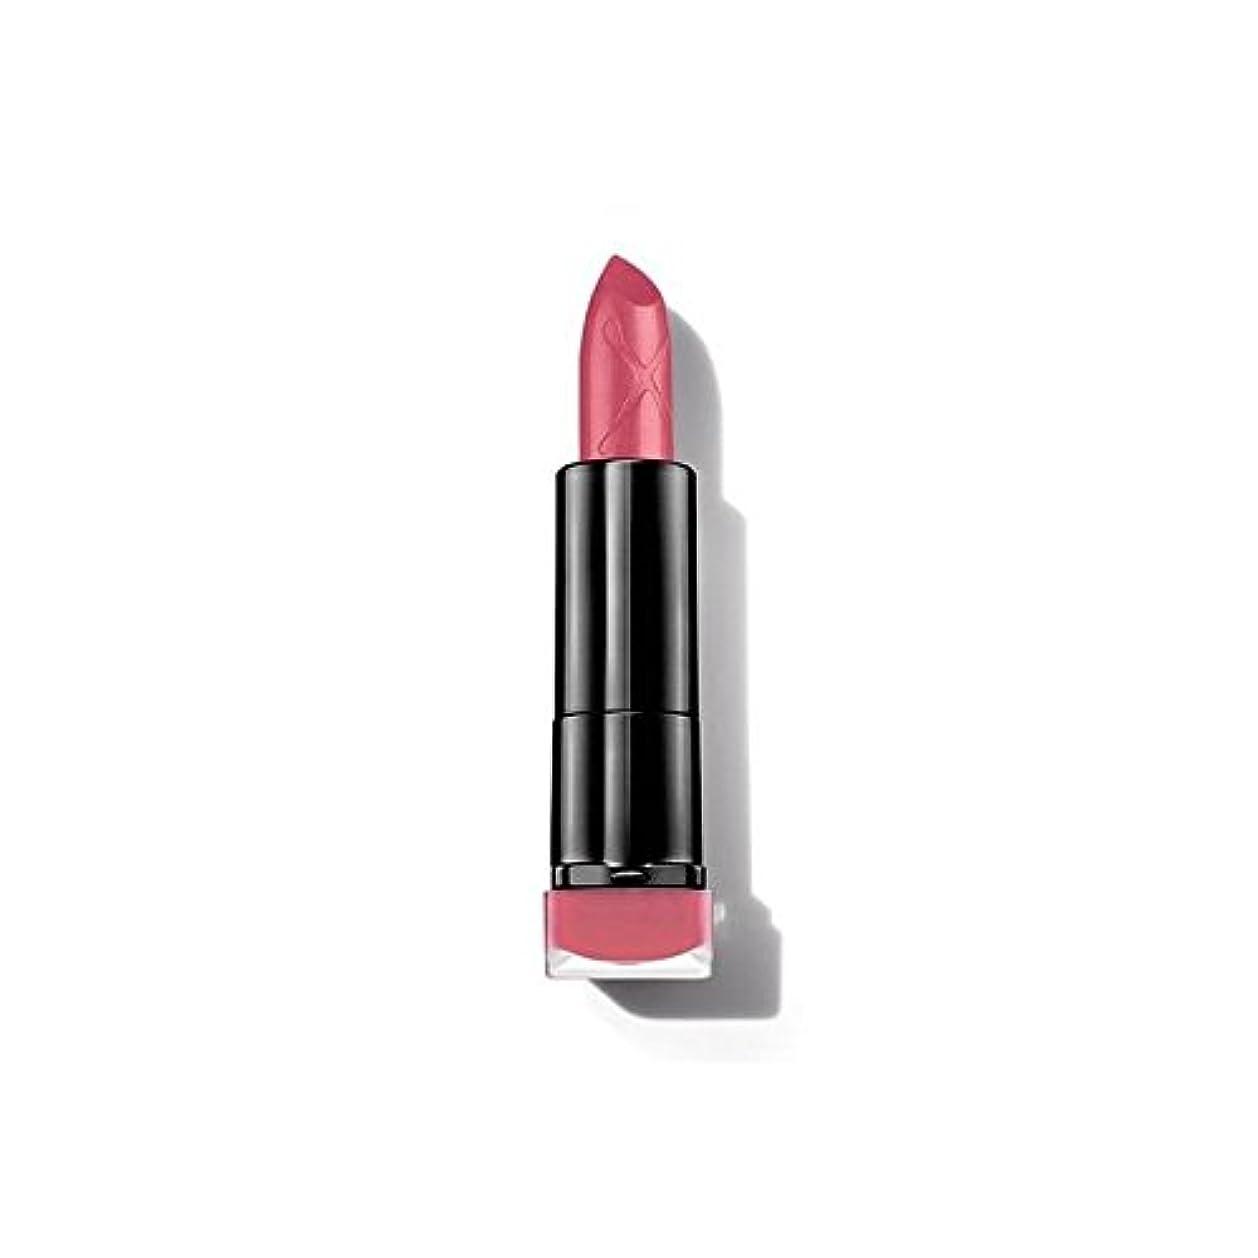 コール大騒ぎ心理的にマックスファクターカラーエリキシルマット弾丸の口紅は、20ローズ x2 - Max Factor Colour Elixir Matte Bullet Lipstick Rose 20 (Pack of 2) [並行輸入品]